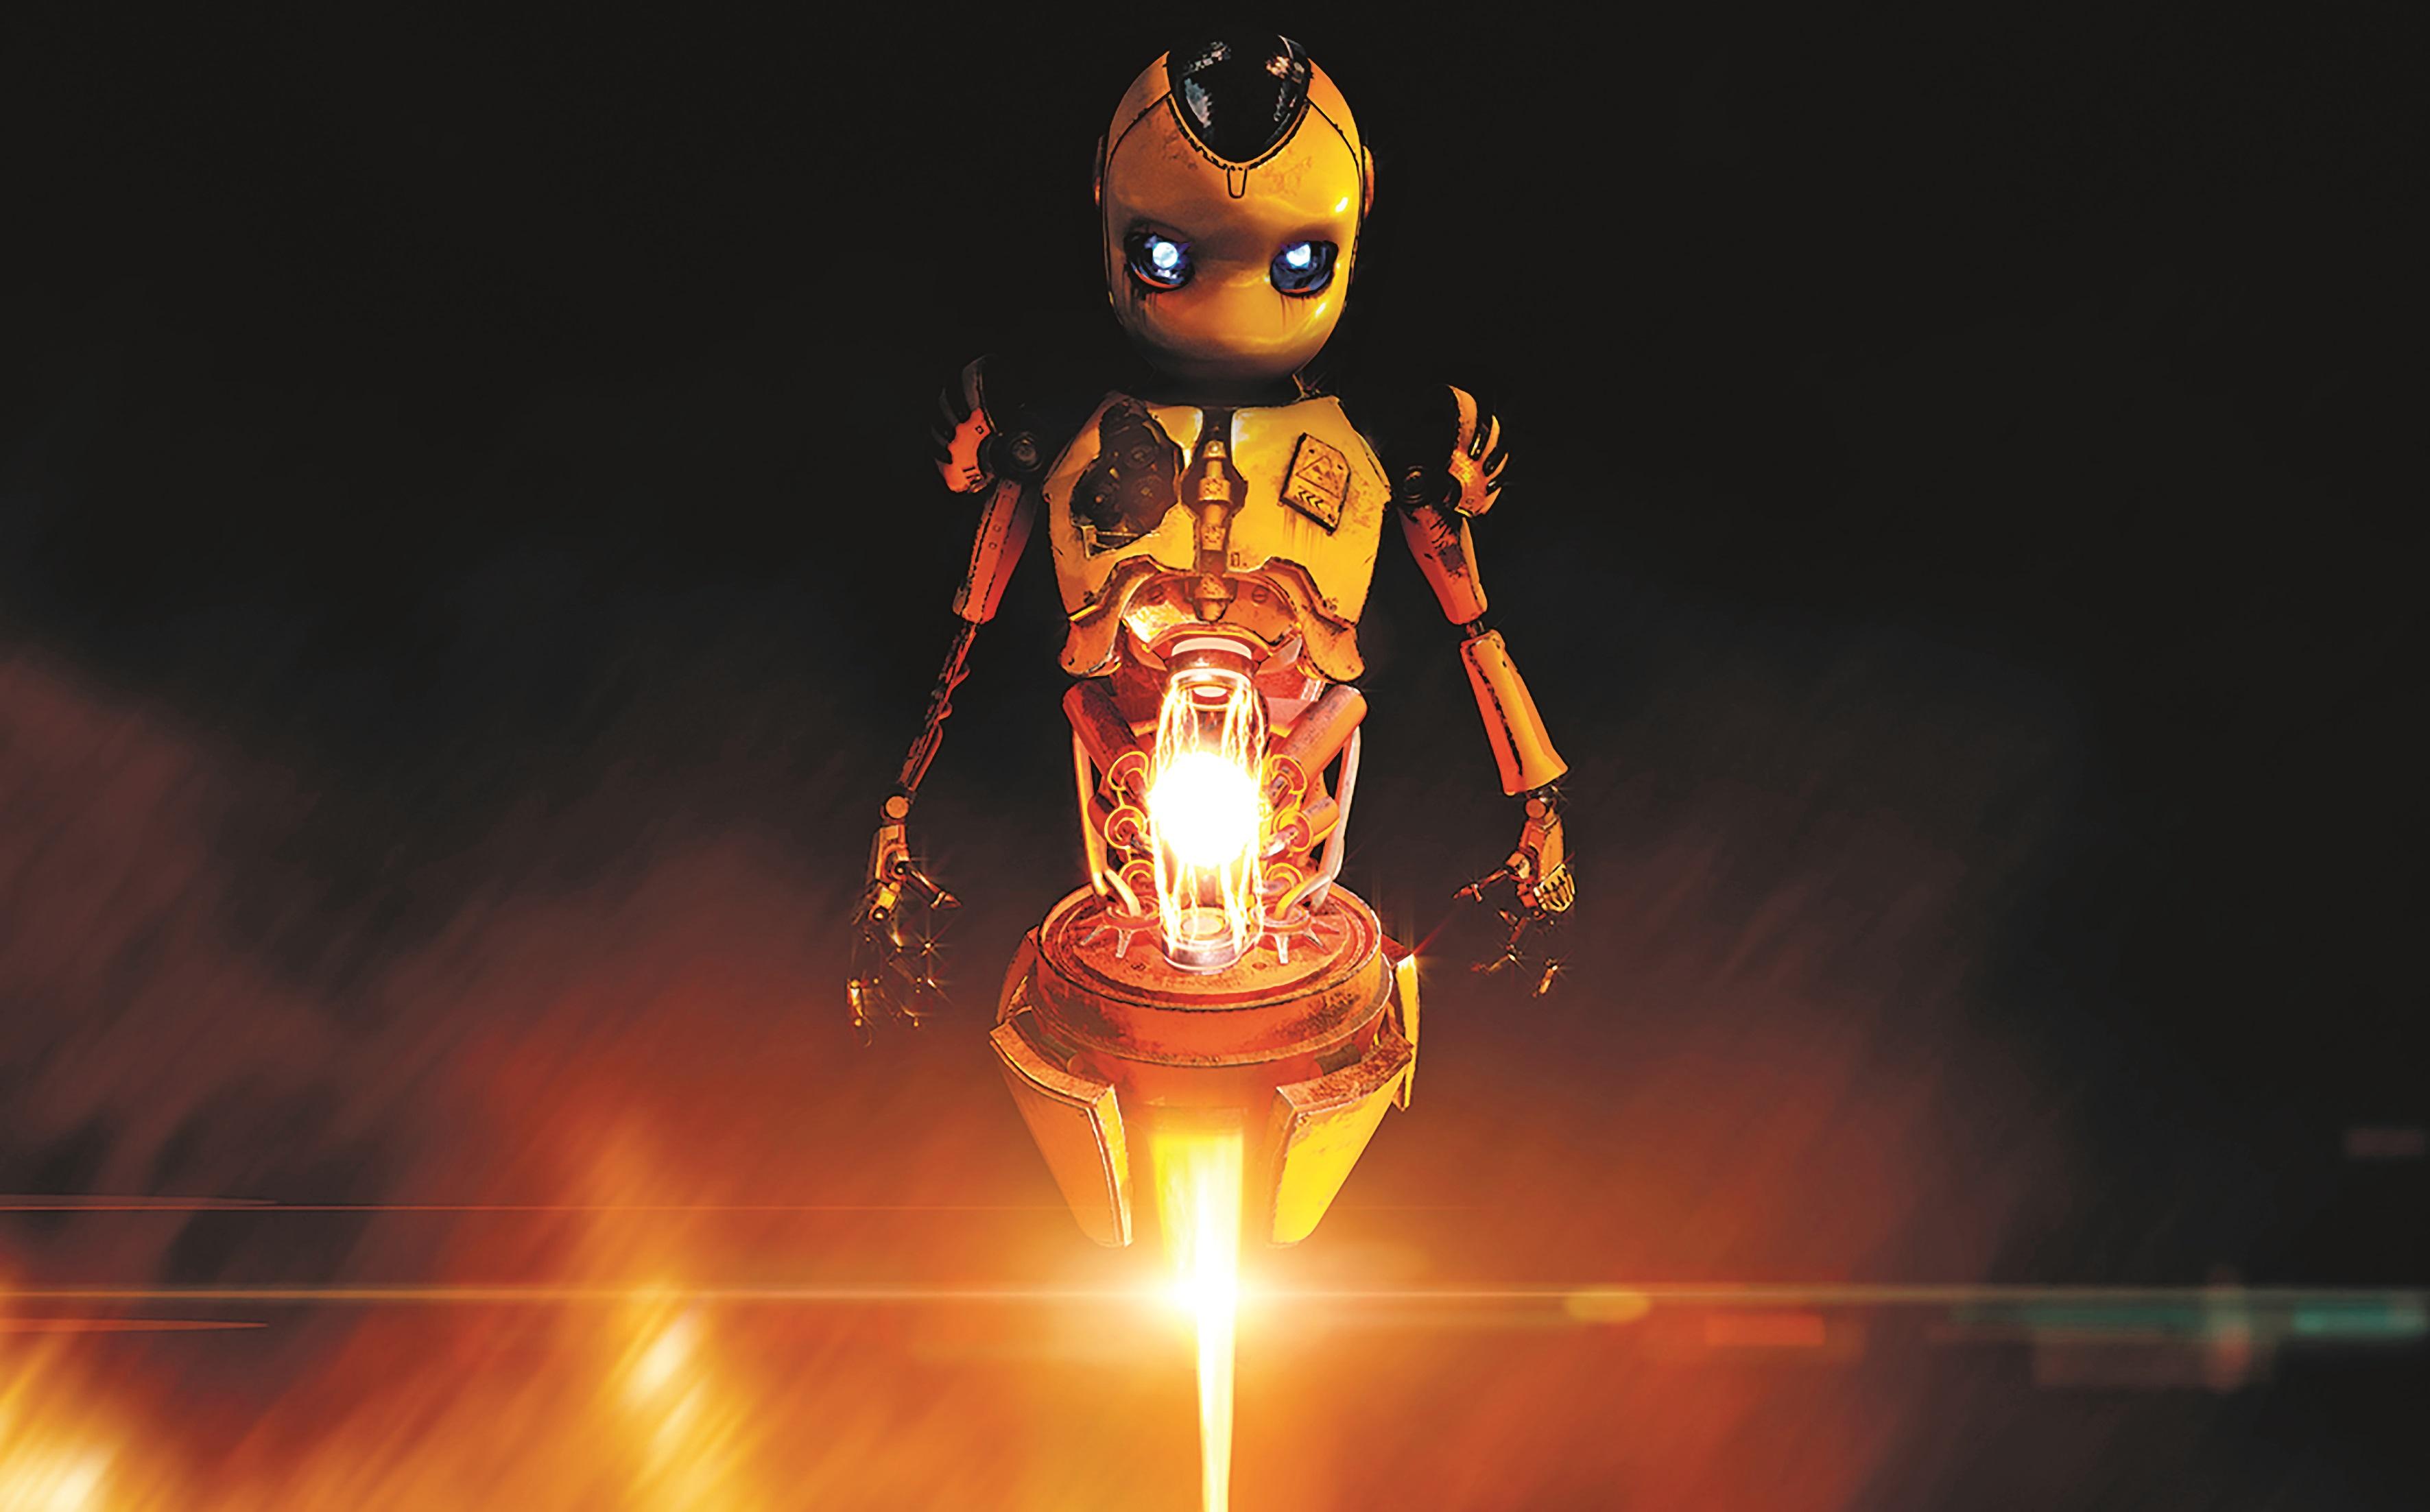 Während des Gameplays reisen die Spieler unter anderem in das Gehirn eines Roboters und sehen eine Welt voller Drähte und Schaltkreise.